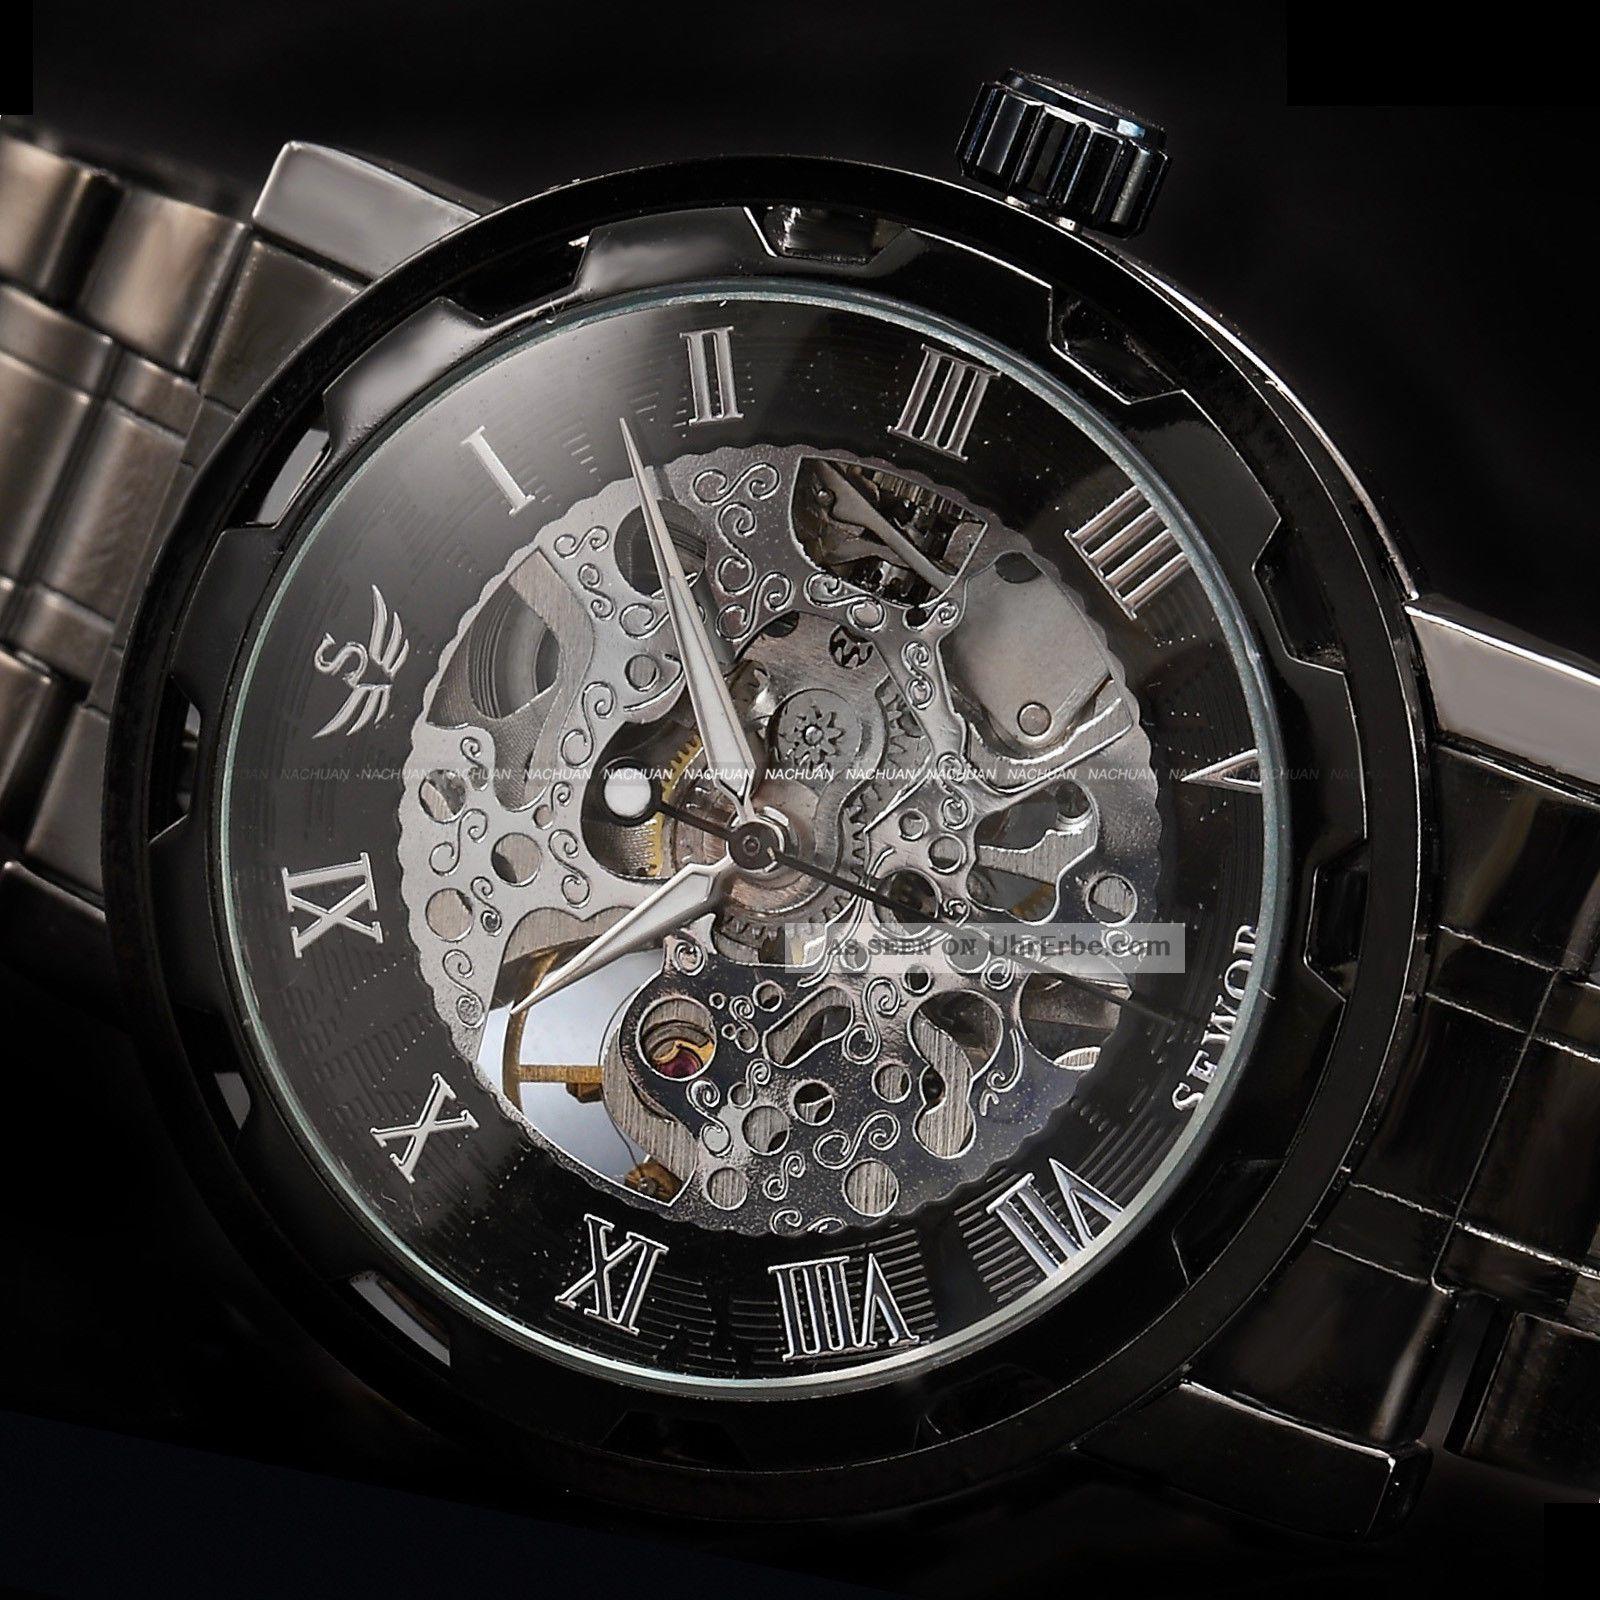 Damenuhren schwarz metall  Sewor Herren Schwarz Handaufzug Mechanische Uhr Metall Armband Uhr ...